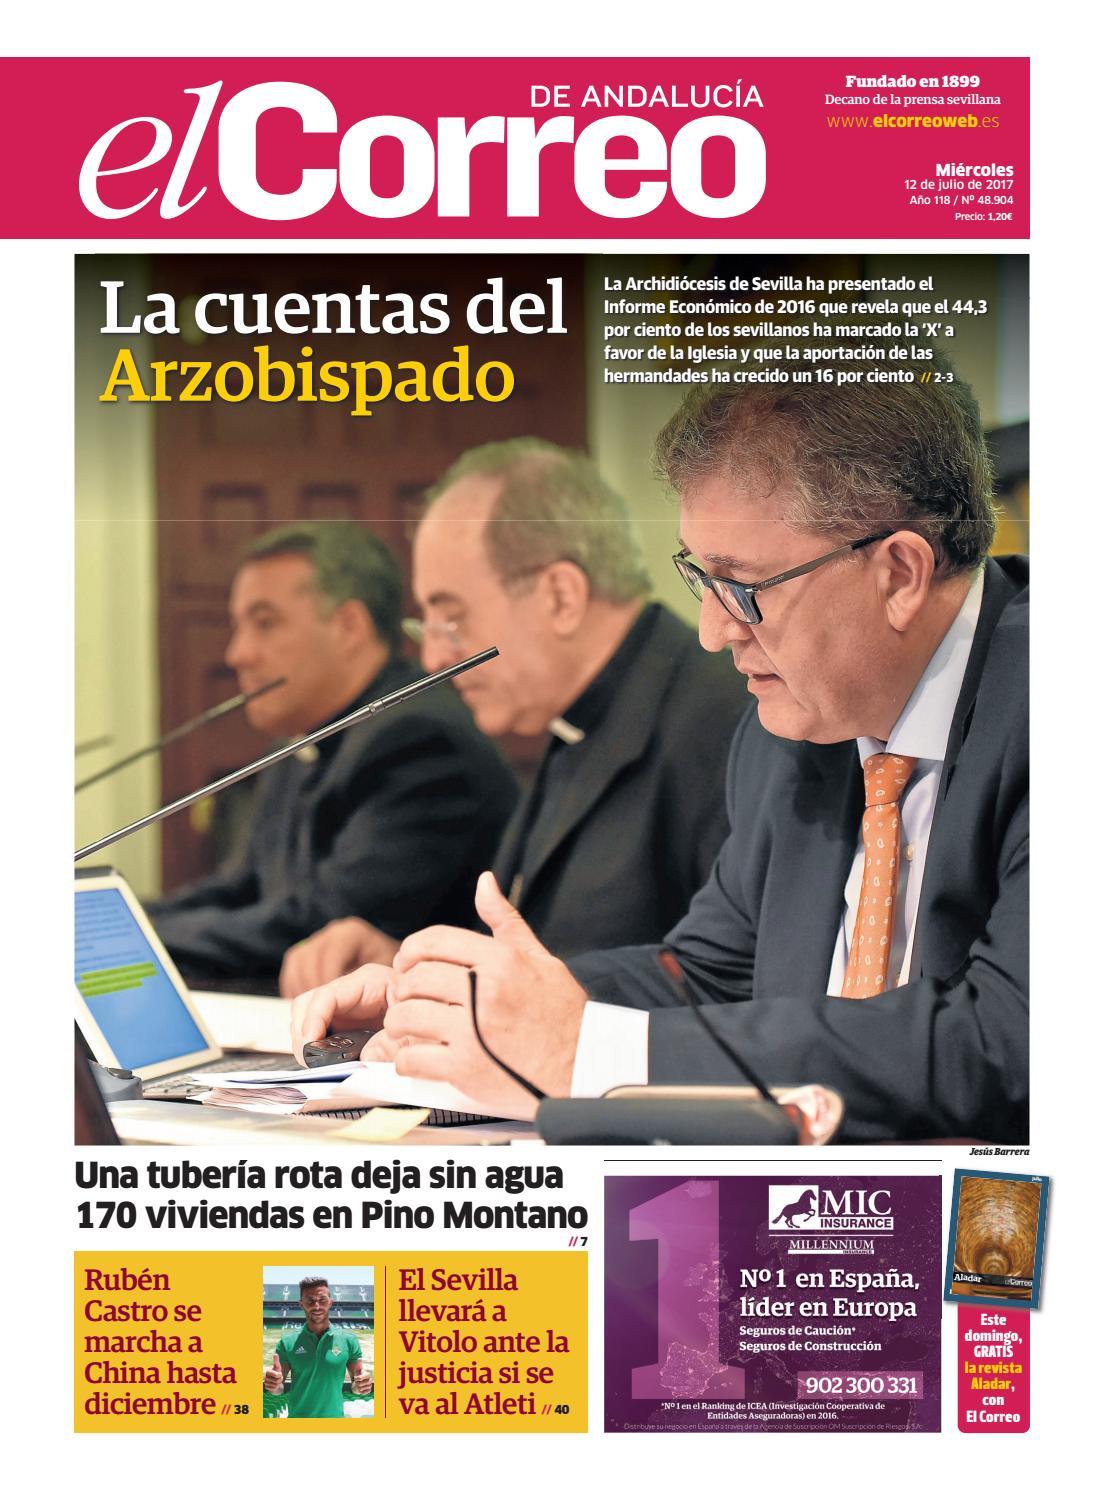 12 07 2017 El Correo de Andalucía by EL CORREO DE ANDALUCÍA S.L. - issuu 73837ac488f